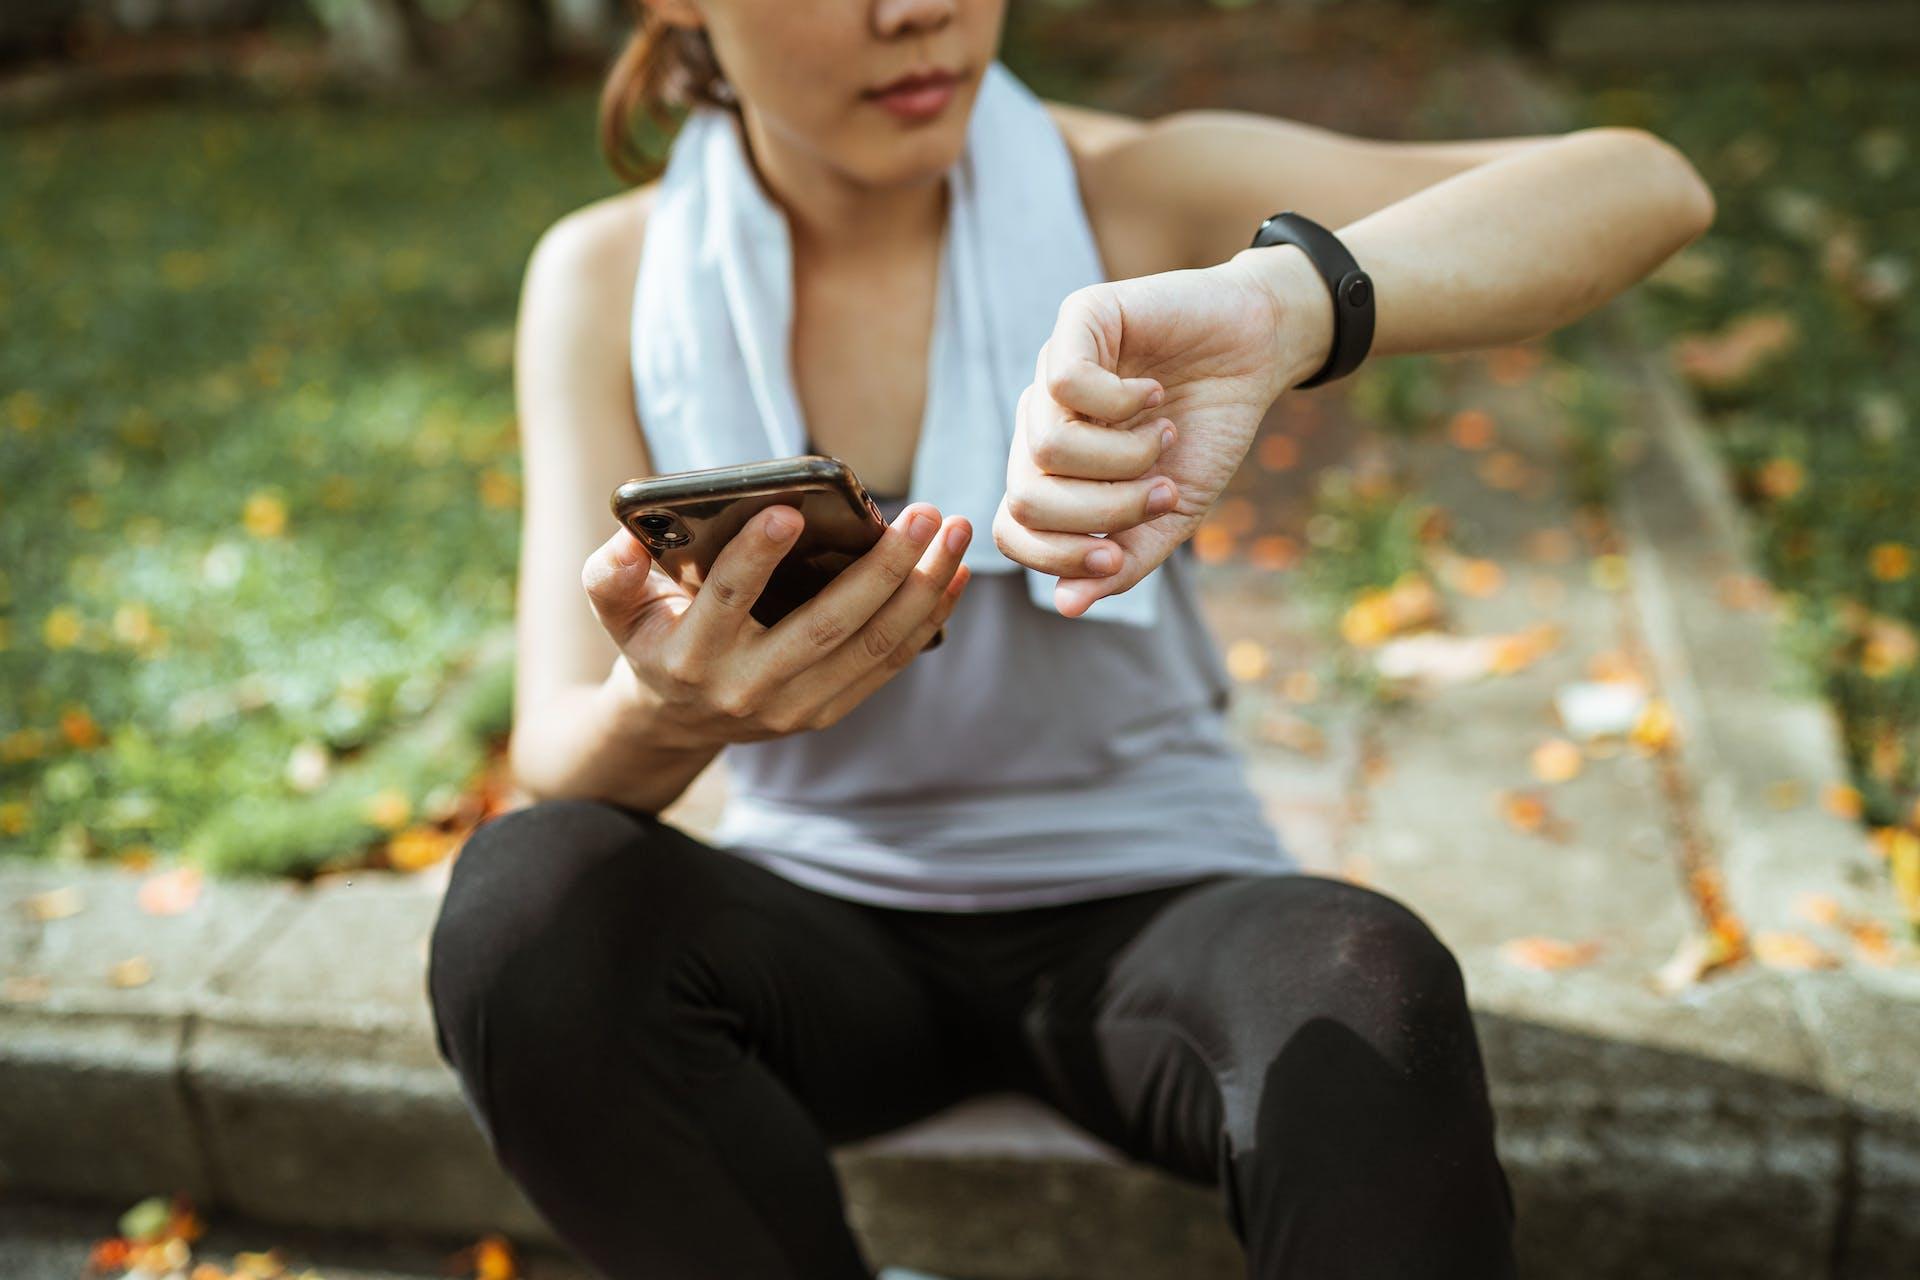 Así es como Google Fit medirá tu frecuencia cardíaca y respiratoria con la cámara del celular